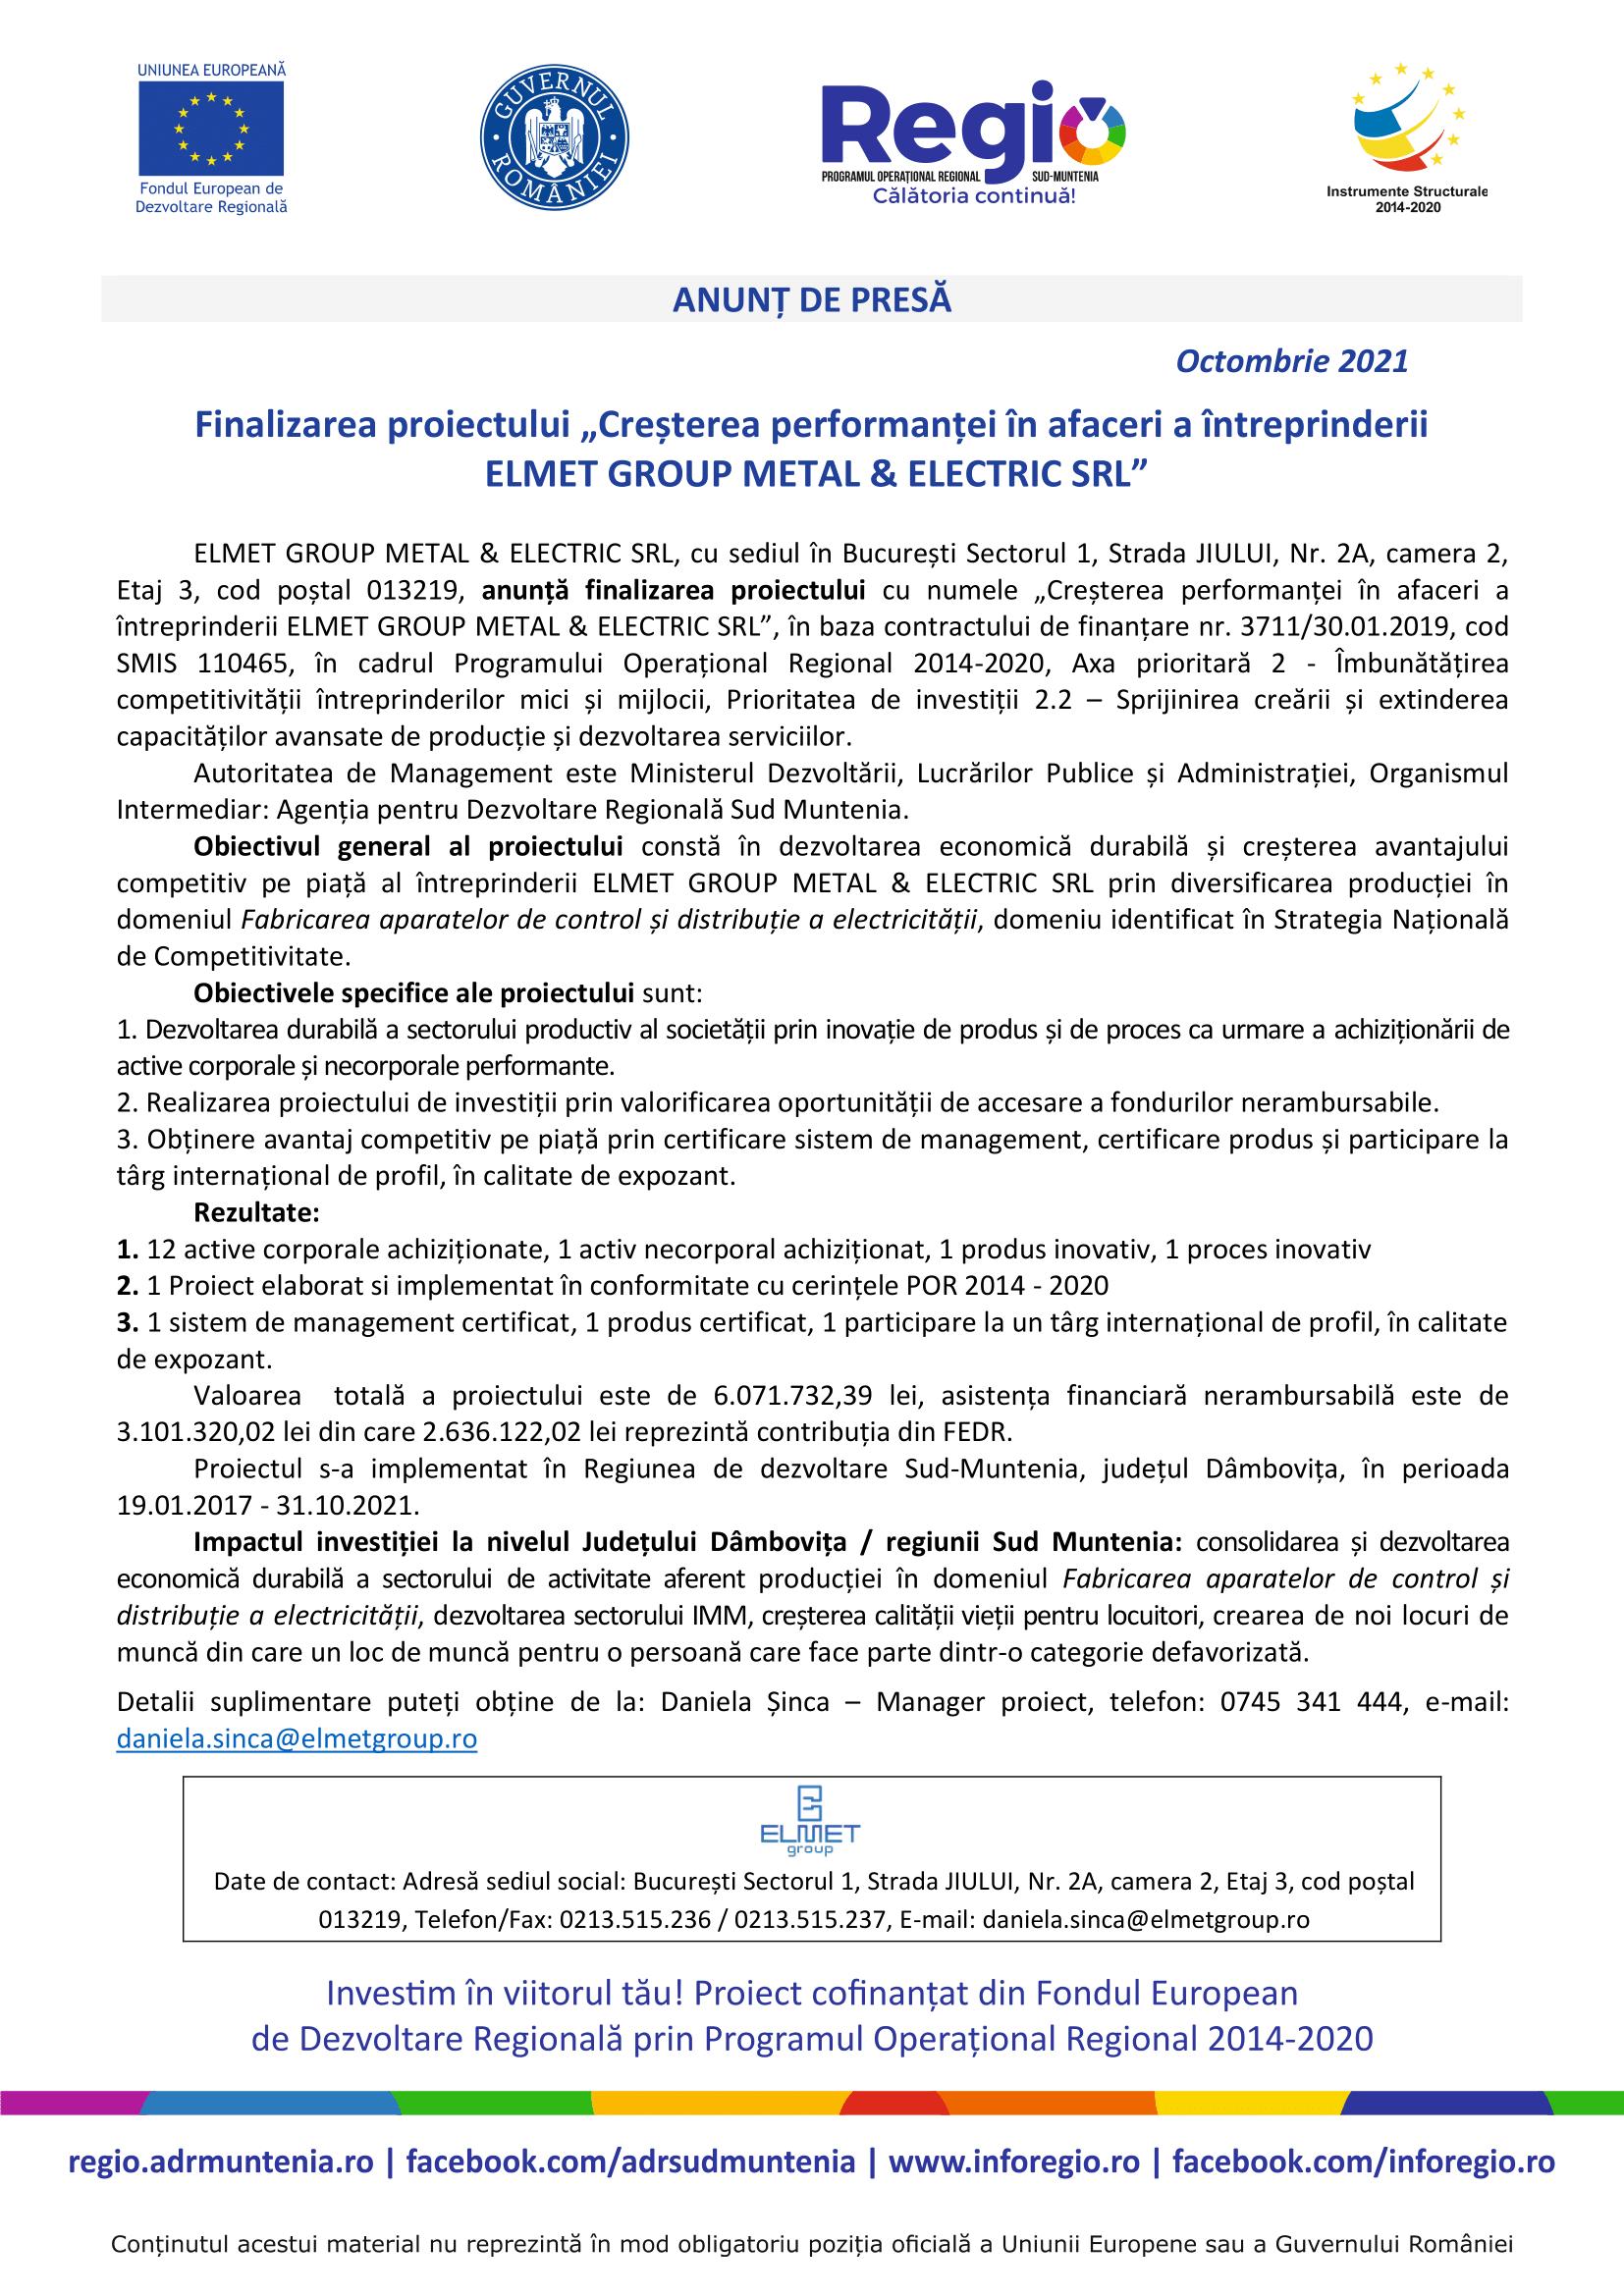 2. Machetă anunț de presă la finalizarea proiectului-1